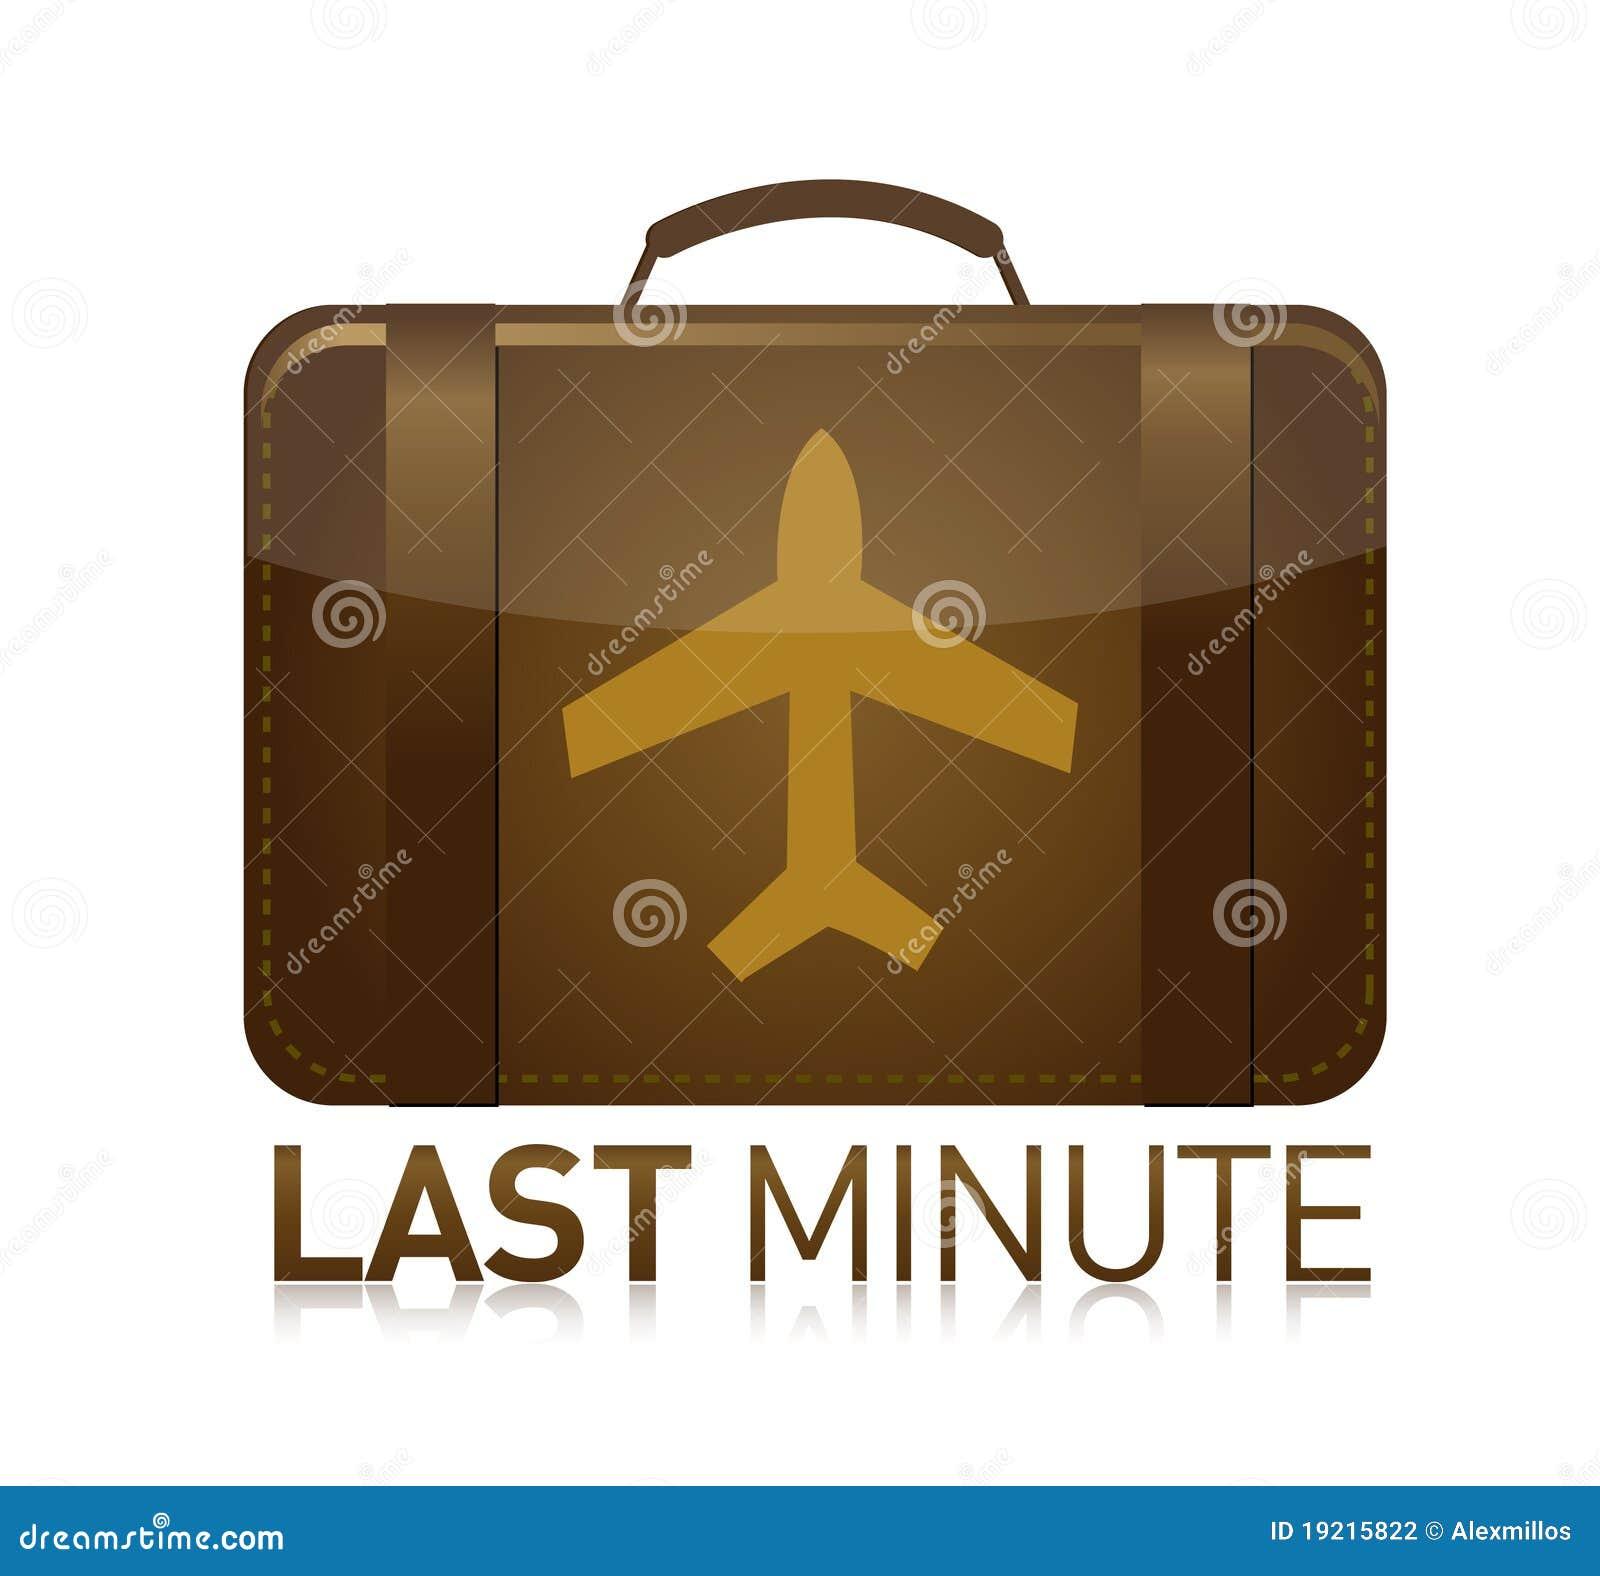 Last minute luggage airplane